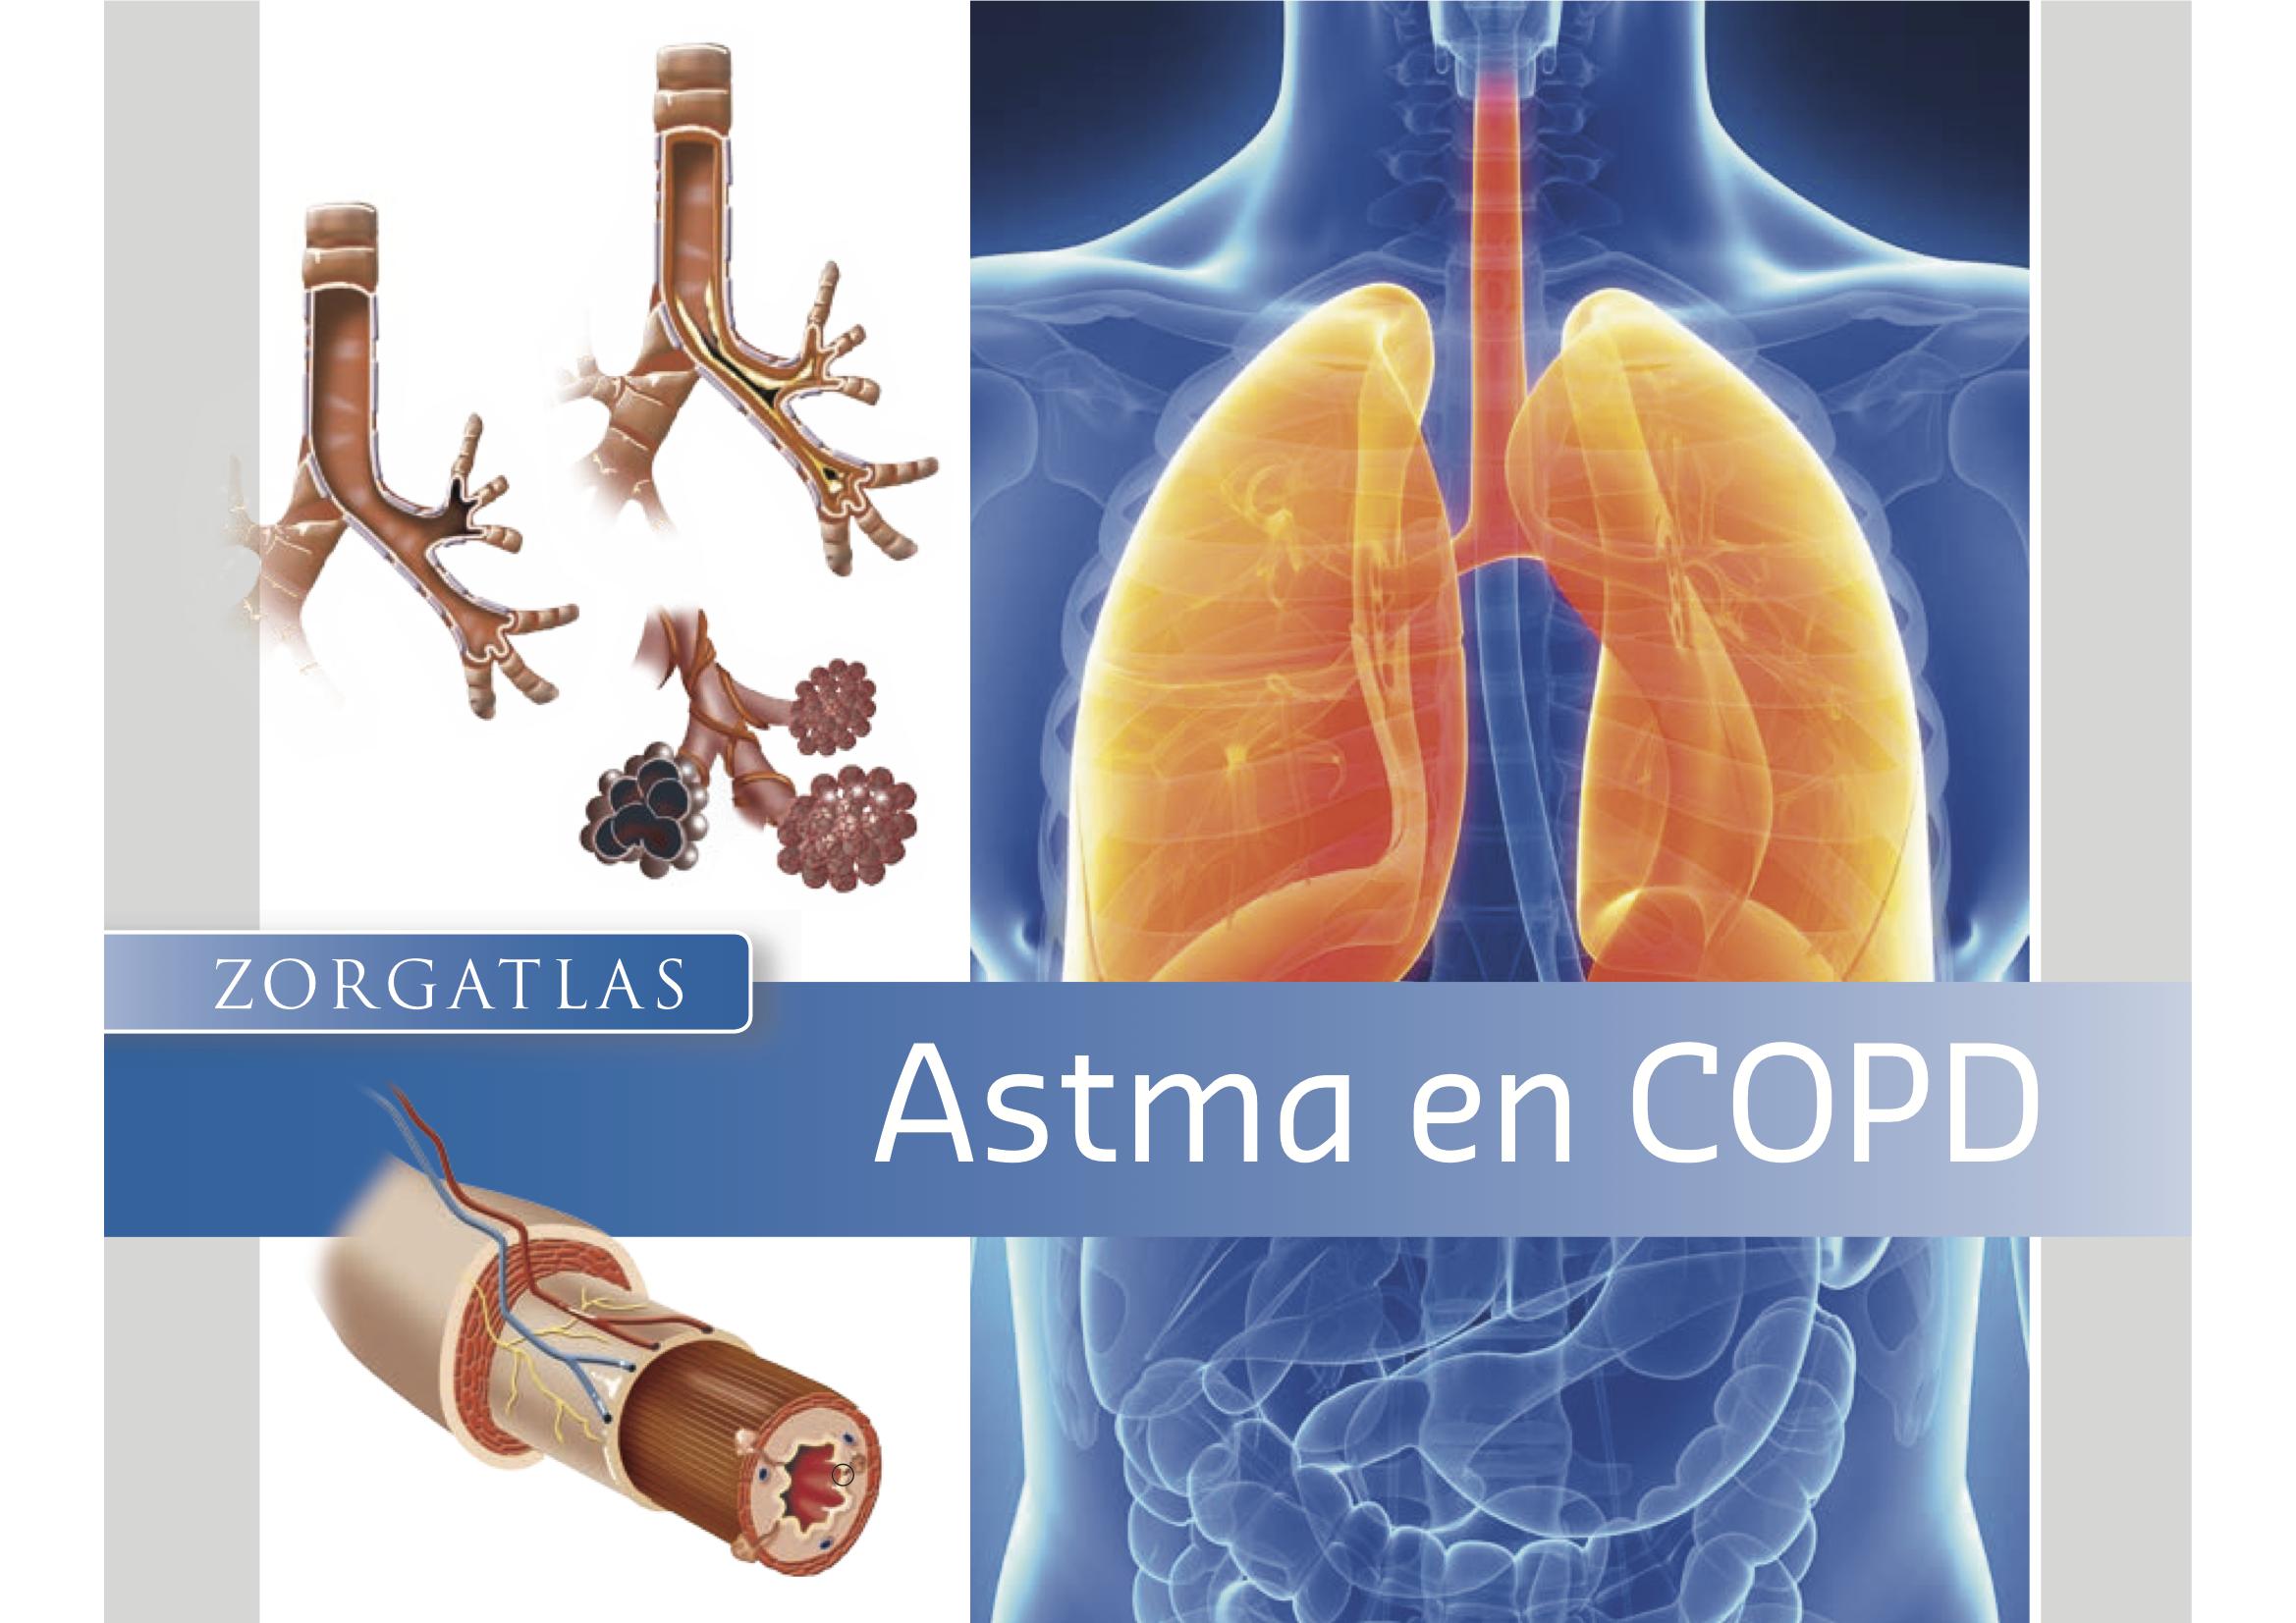 Afbeeldingsresultaat voor copd astma